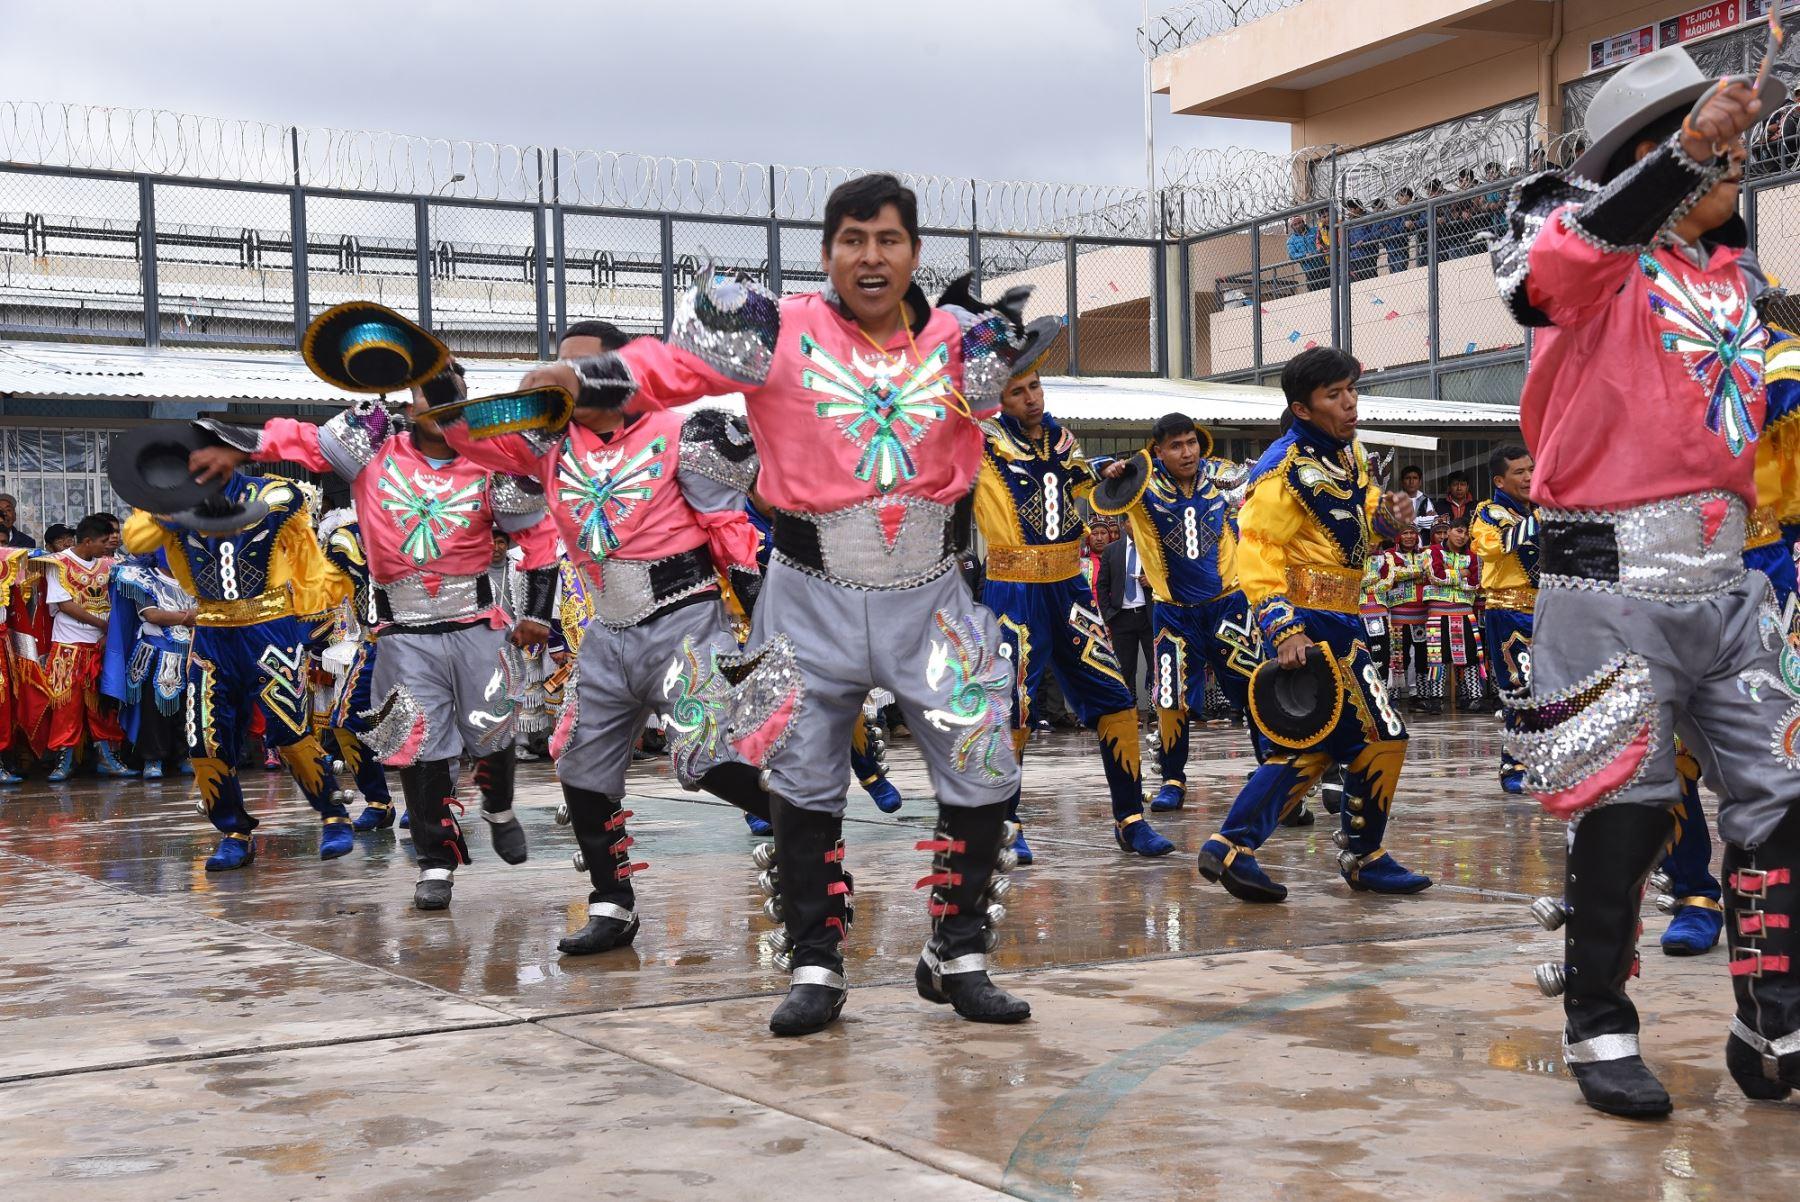 Internos de penal de Puno celebran Festividad de la Virgen de la Candelaria. ANDINA